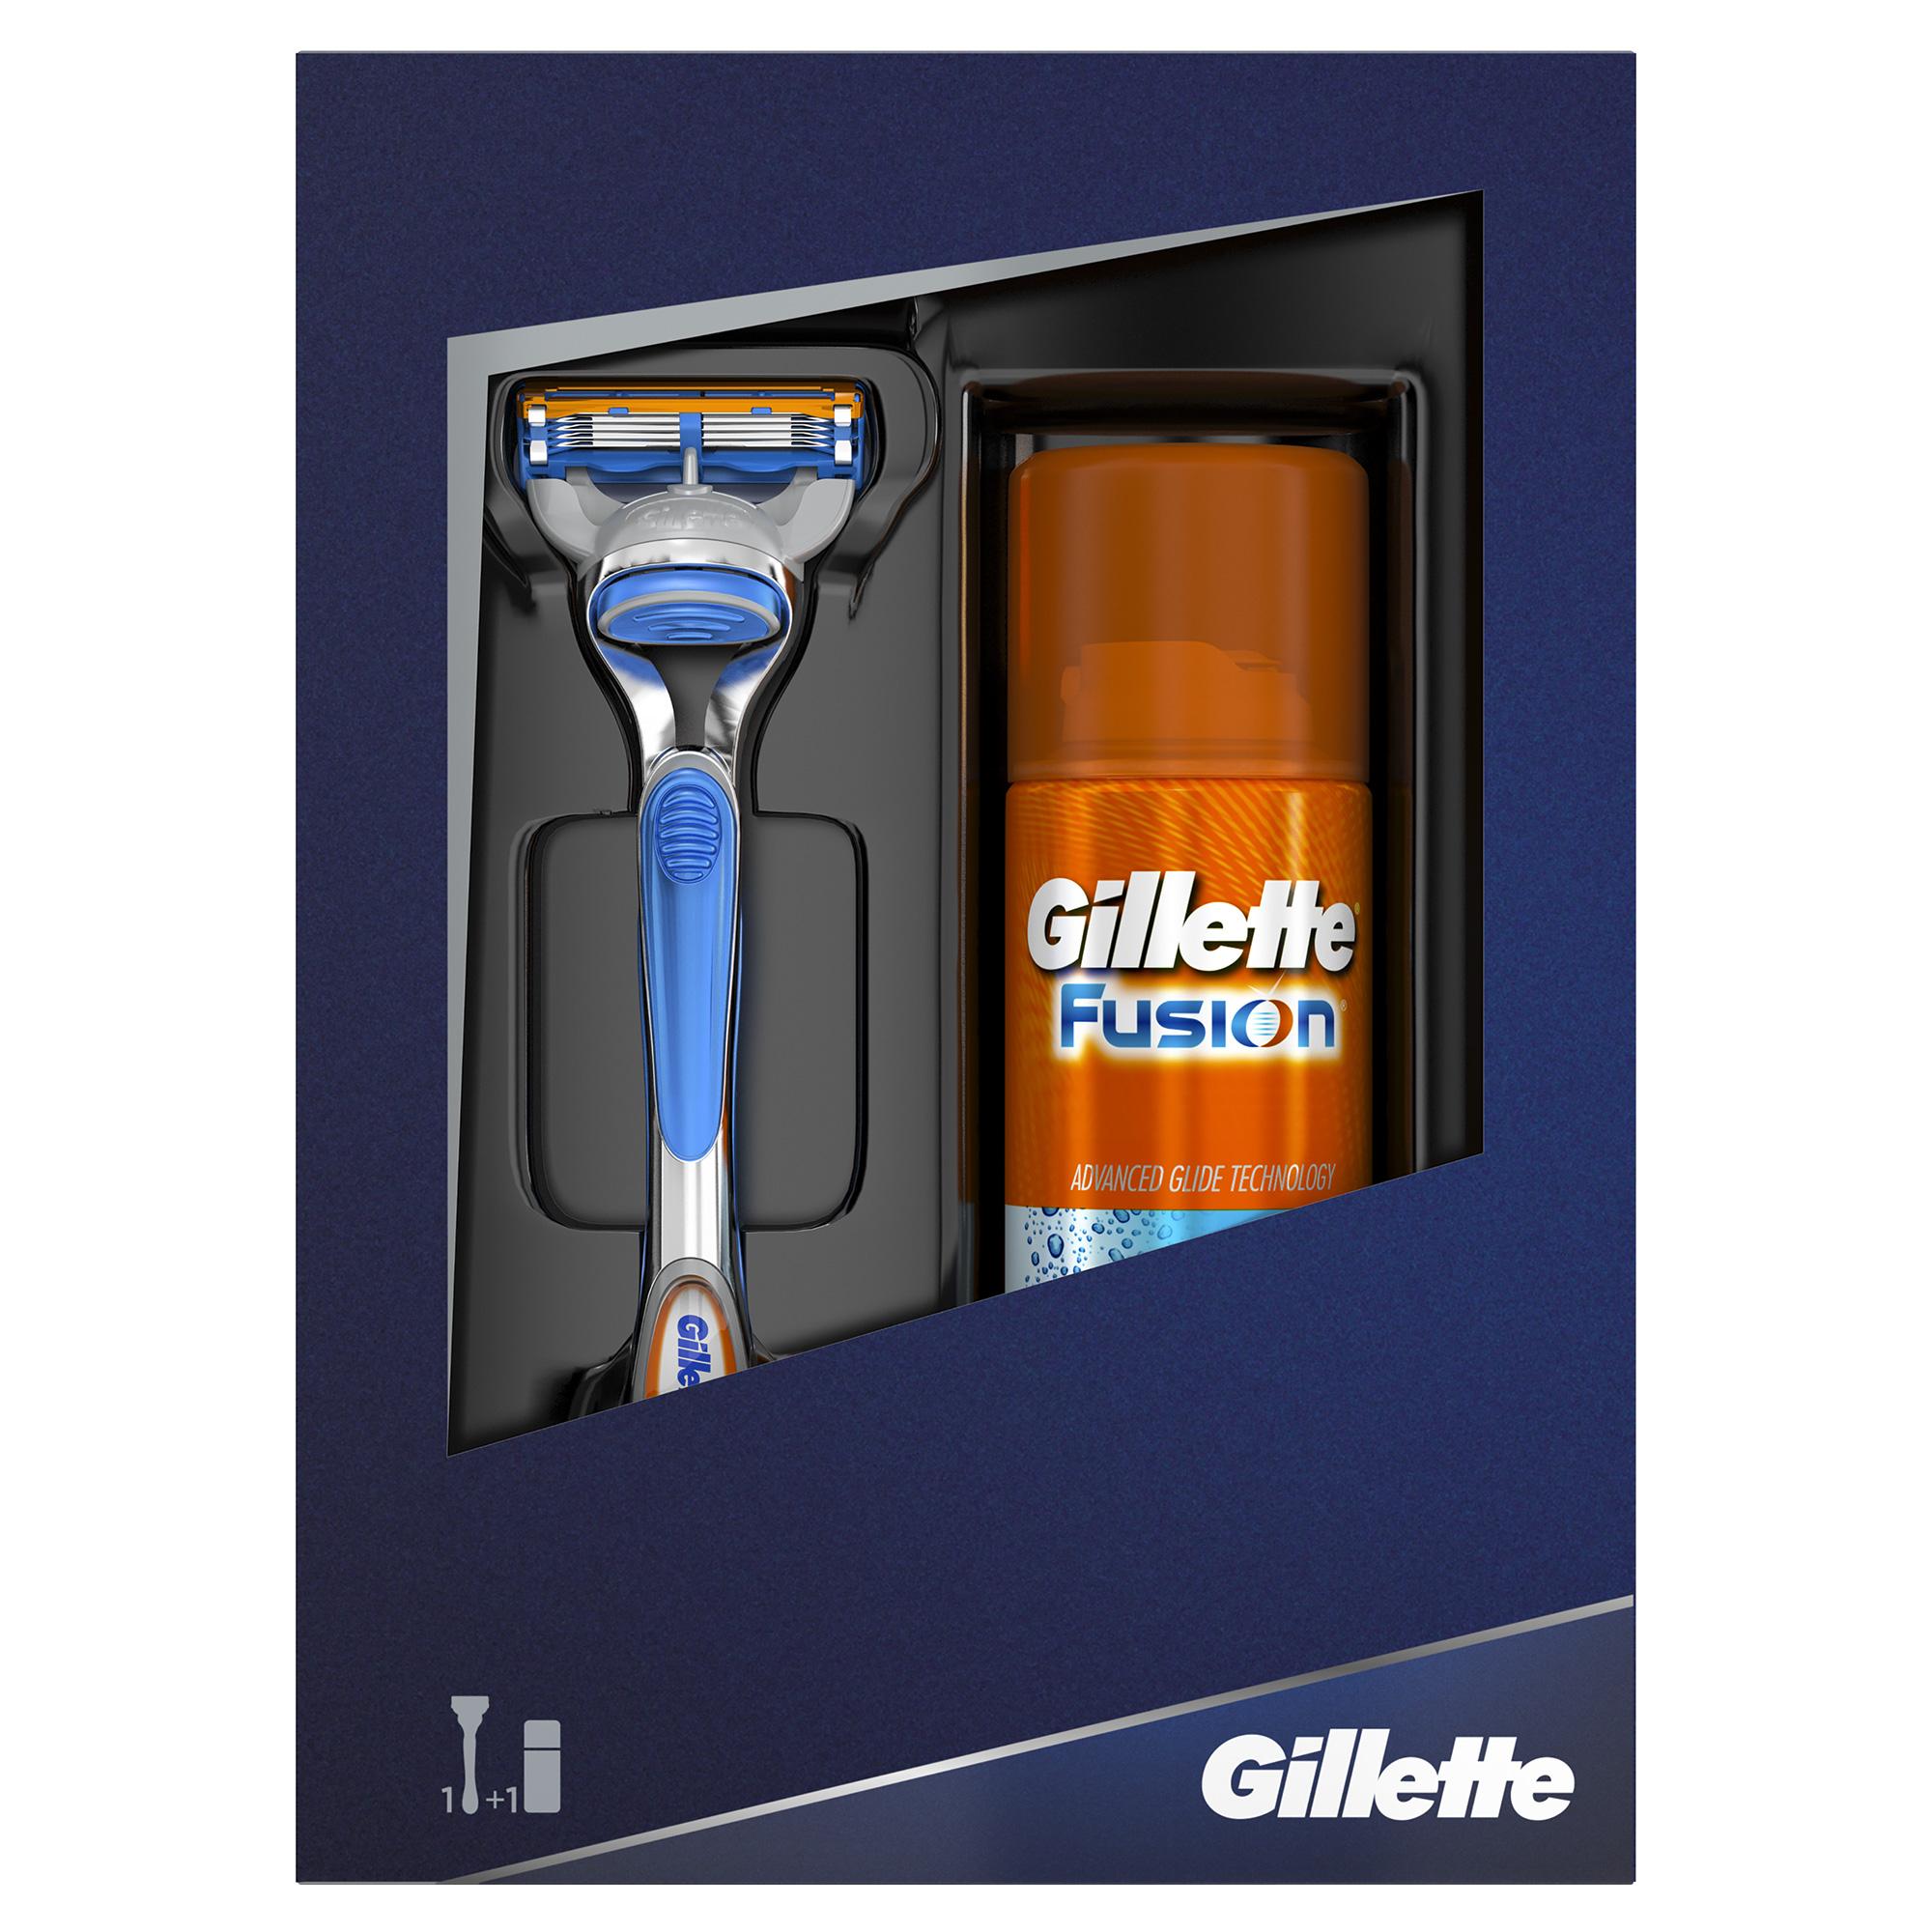 Подарочный набор Gillette Fusion: Мужская Бритва Gillette Fusion + Гель для бритья Gillette Fusion Hydra gel увлажняющий, 75 млGIL-81527534Подарочный набор Gillette Fusion. Продукты Fusion — комфорт пяти лезвий и точность одного. Для еще более качественного бритья рекомендуем выбрать набор с бритвой Gillette Fusion ProGlide с технологией Flexball. В набор входят: Бритва Gillette Fusion + Гель для бритья Gillette Fusion HydraGel Hydrating Увлажняющий, 75 мл. Бритва Fusion имеет кассету с пятью лезвиями, которая обеспечивает меньшее давление на кожу, уменьшая раздражение (по сравнению с Mach3). Усовершенствованные лезвия (по сравнению с Mach3). Лезвие-триммер на обратной стороне кассеты. Гель для бритья Fusion HydraGel помогает защитить кожу, увлажняя и смягчая щетину в процессе бритья. Усовершенствованная технология для лучшего скольжения. . Подарочный набор Gillette Fusion - комфорт пяти лезвий и точность одного. В набор входят: Бритва Gillette Fusion + Гель для бритья Gillette Fusion HydraGel Hydrating Увлажняющий, 75 мл.. Бритва Fusion имеет кассету с пятью лезвиями, которая обеспечивает меньшее давление на...